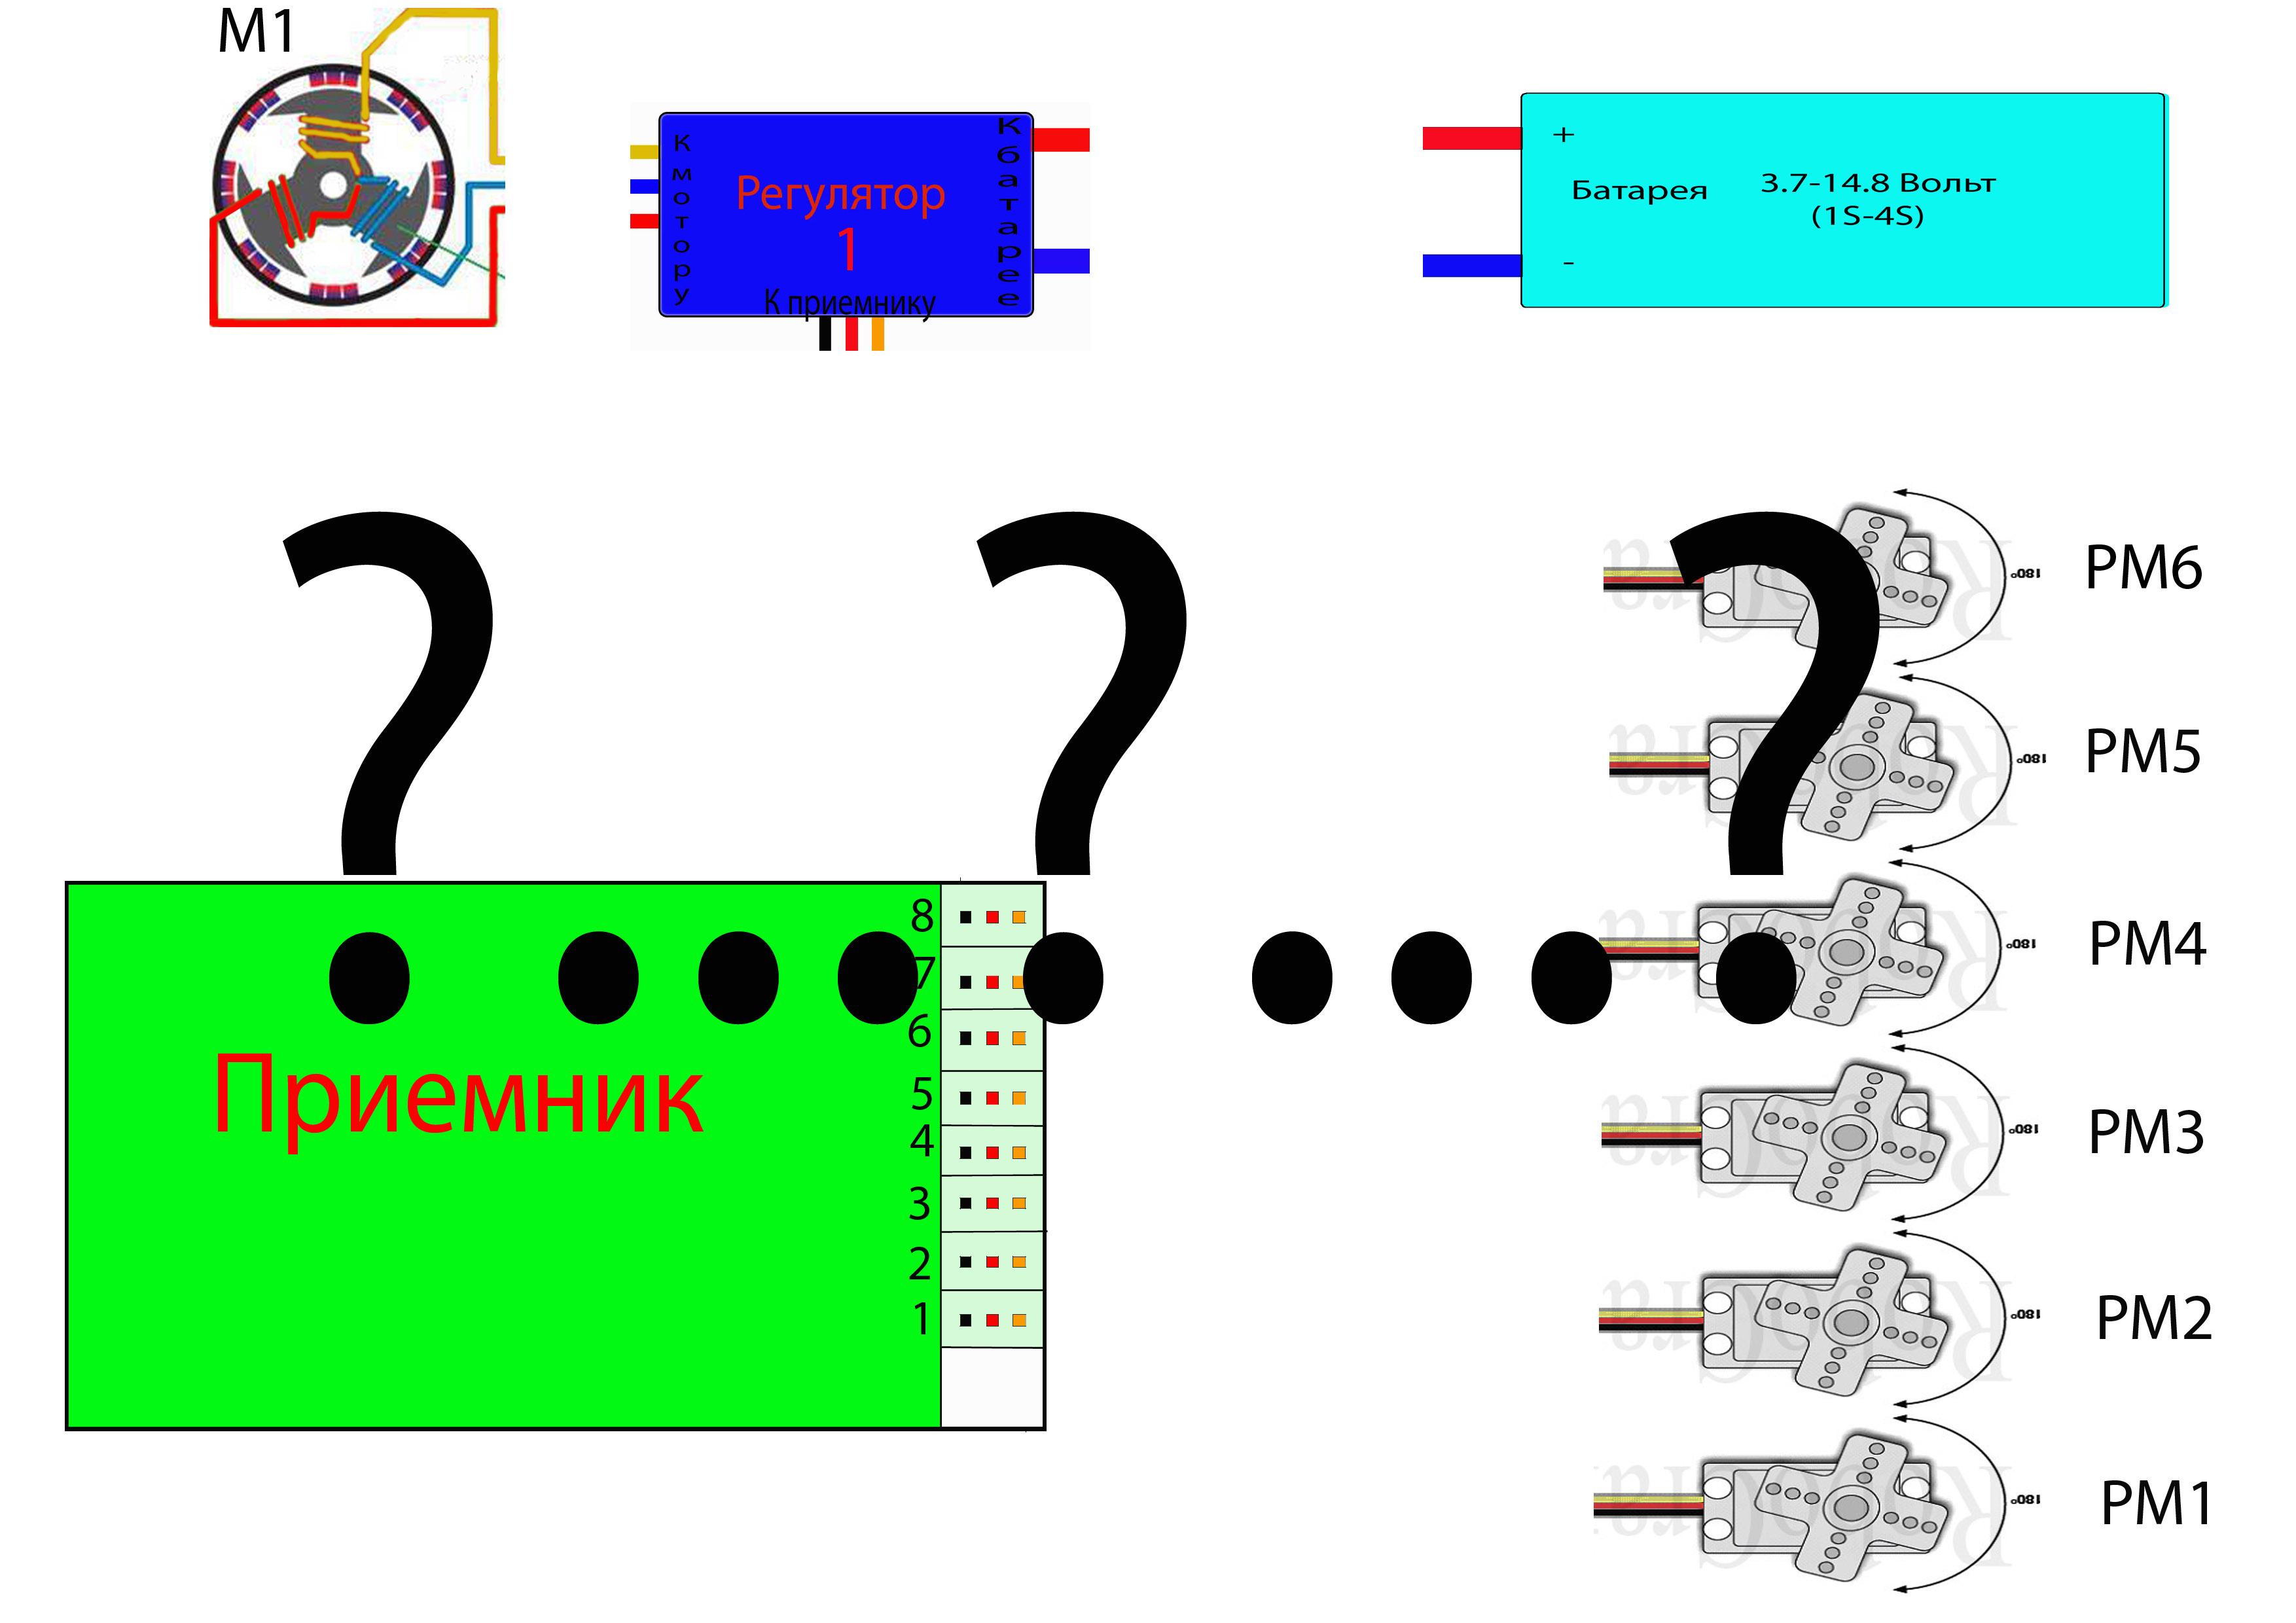 схема управления коллекторным двигателем авиамодели